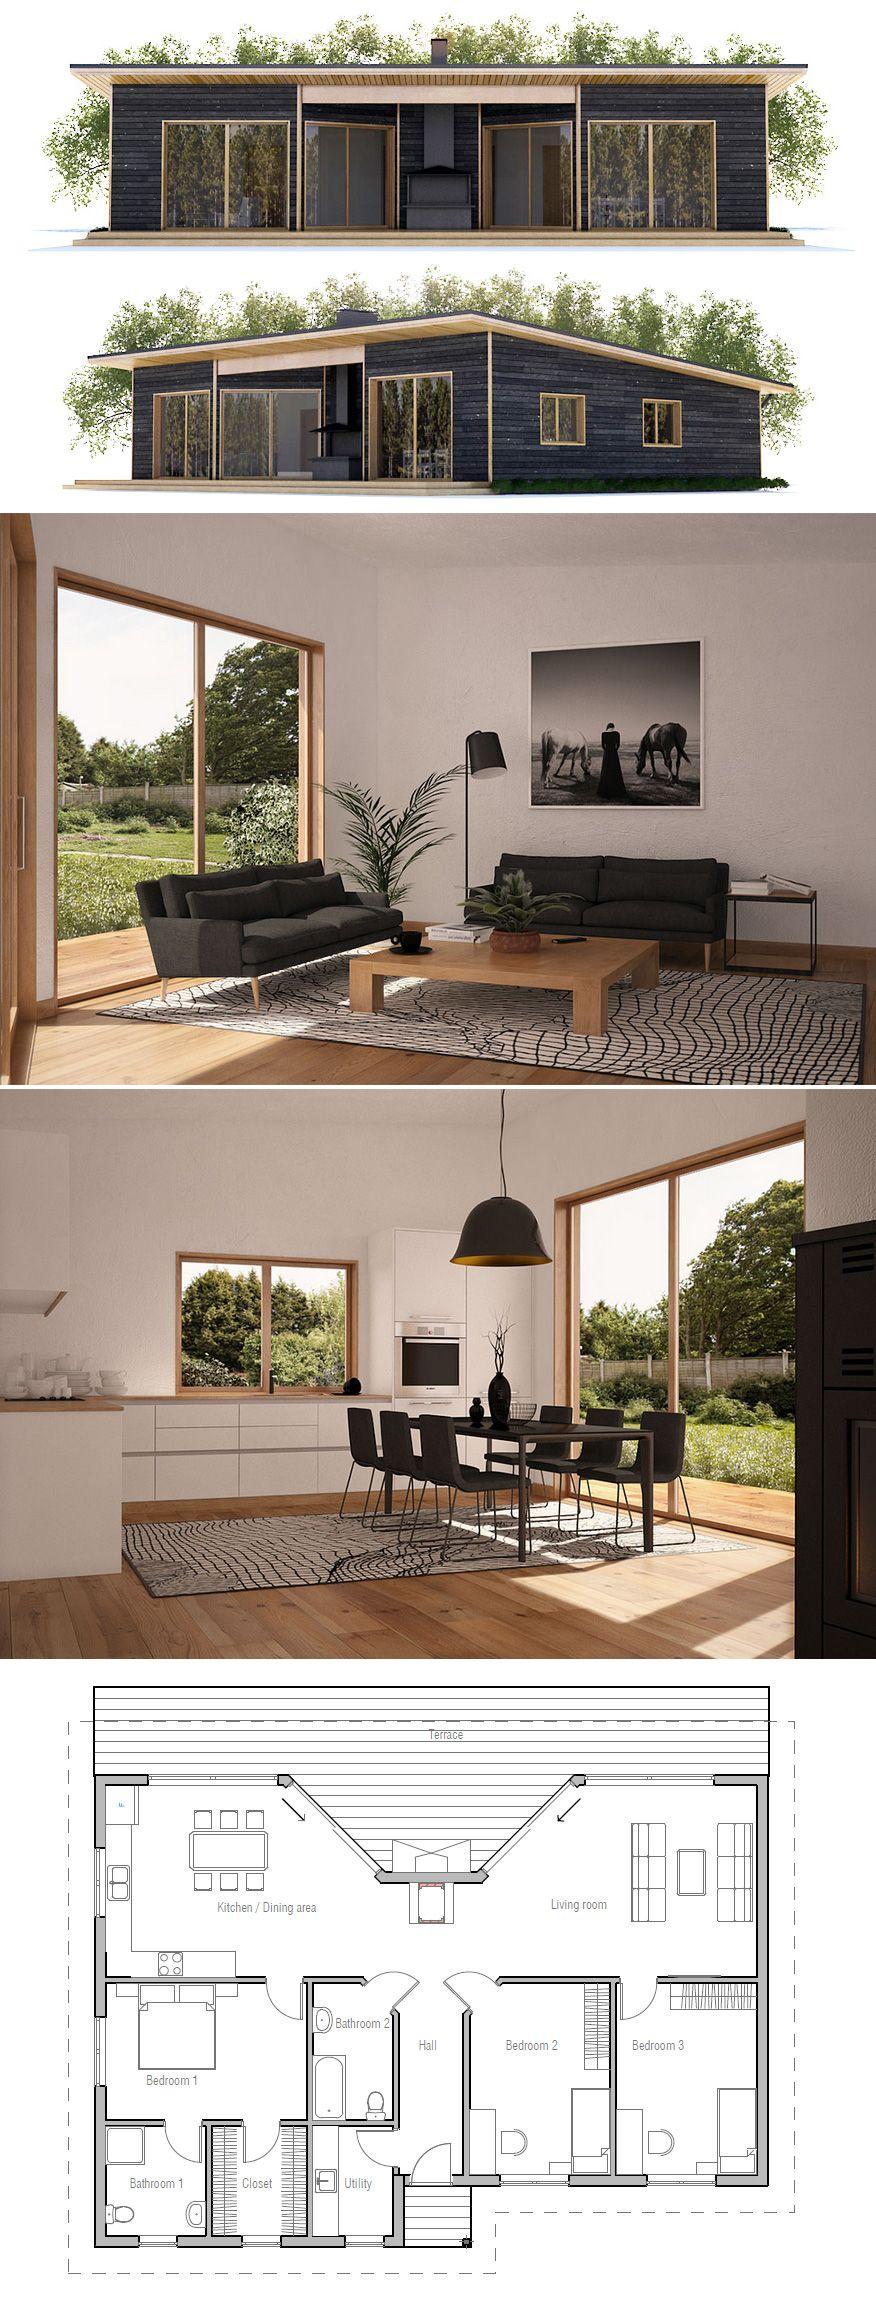 kleines haus hausplan grundriss in 2019 haus pl ne. Black Bedroom Furniture Sets. Home Design Ideas